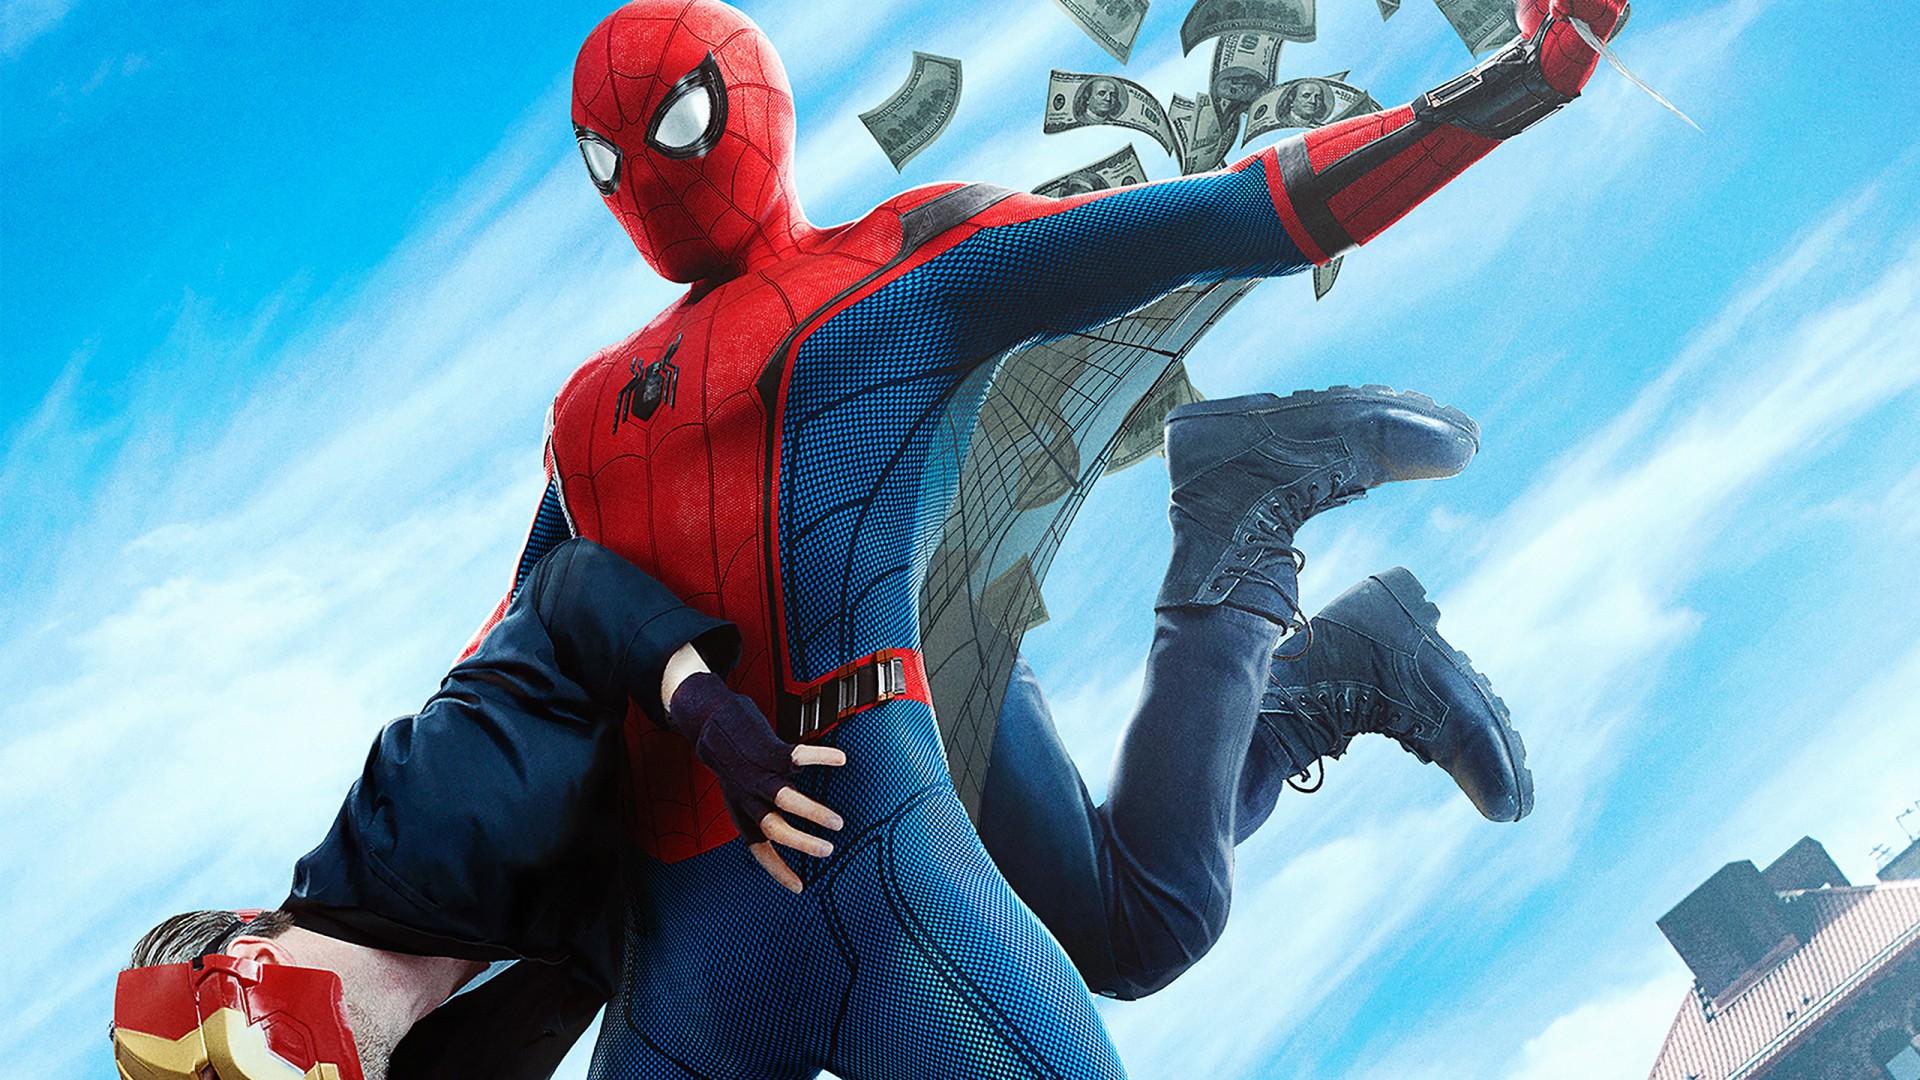 Spiderman Homecoming Hd - Spiderman Homecoming Amazing Fantasy 15 - HD Wallpaper